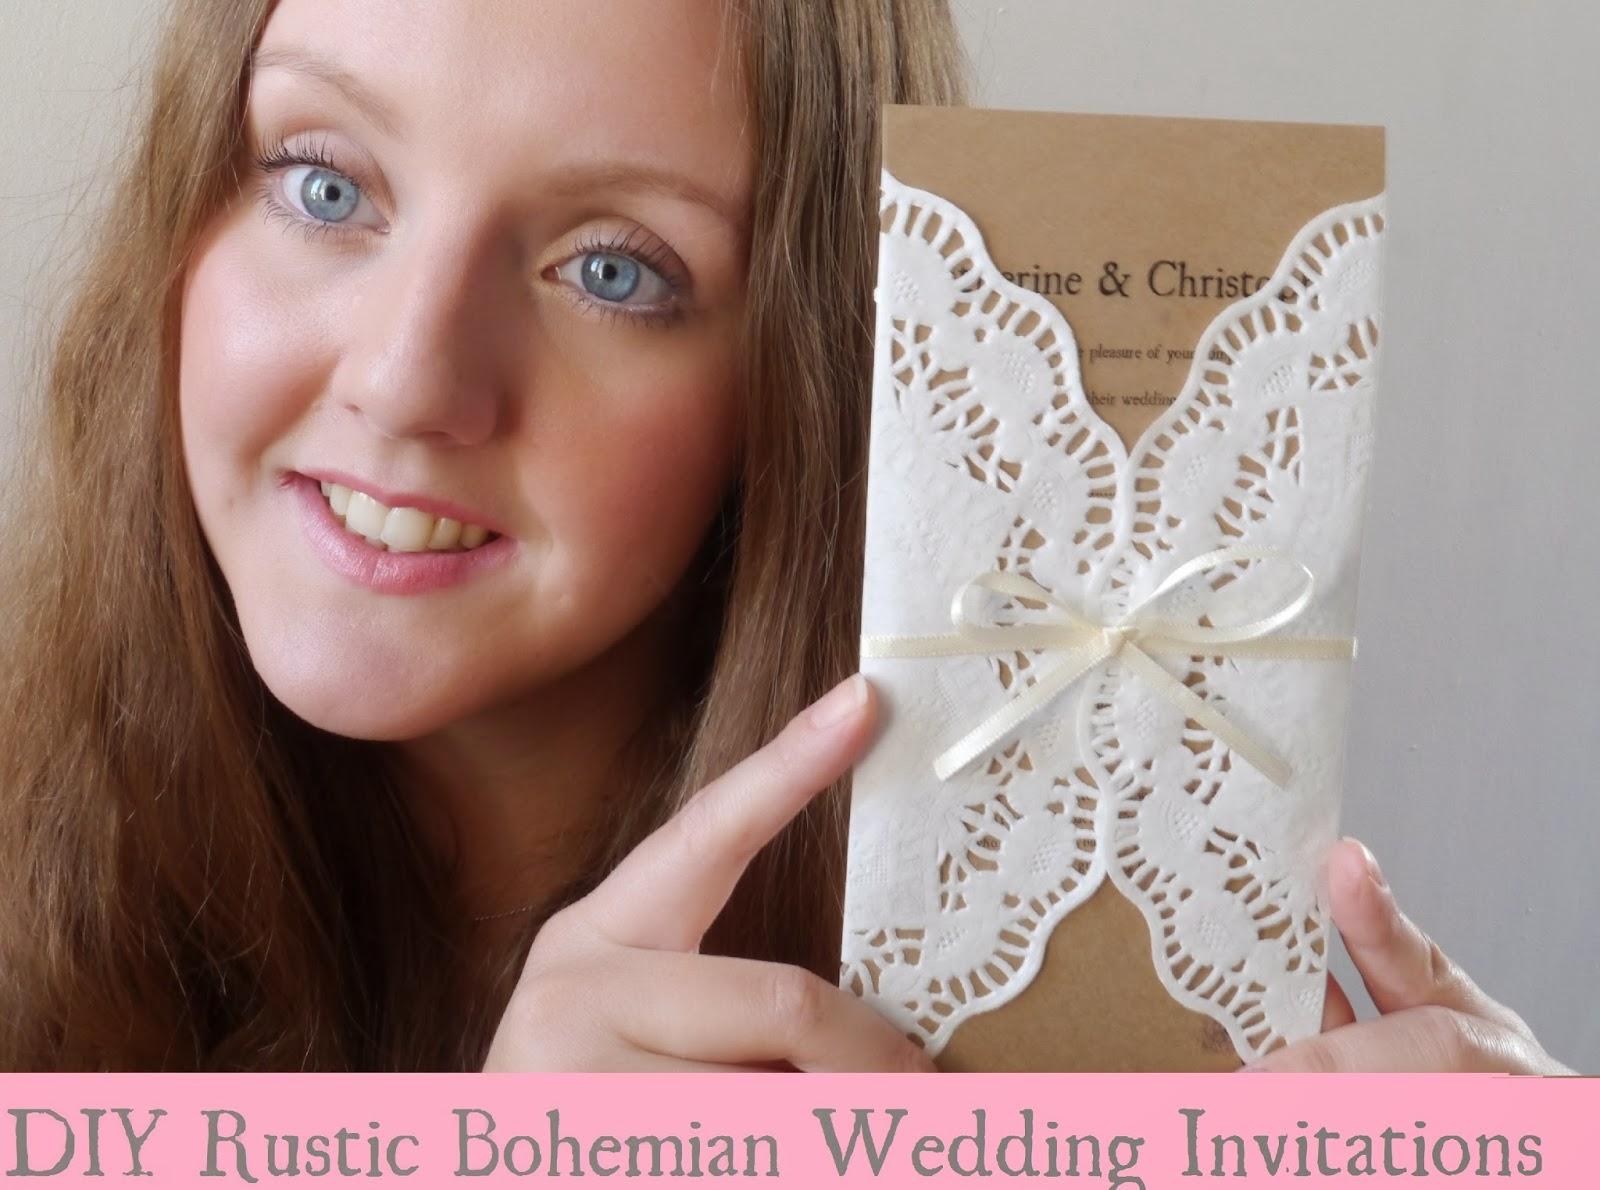 laydey katabella diy rustic bohemian wedding invitations